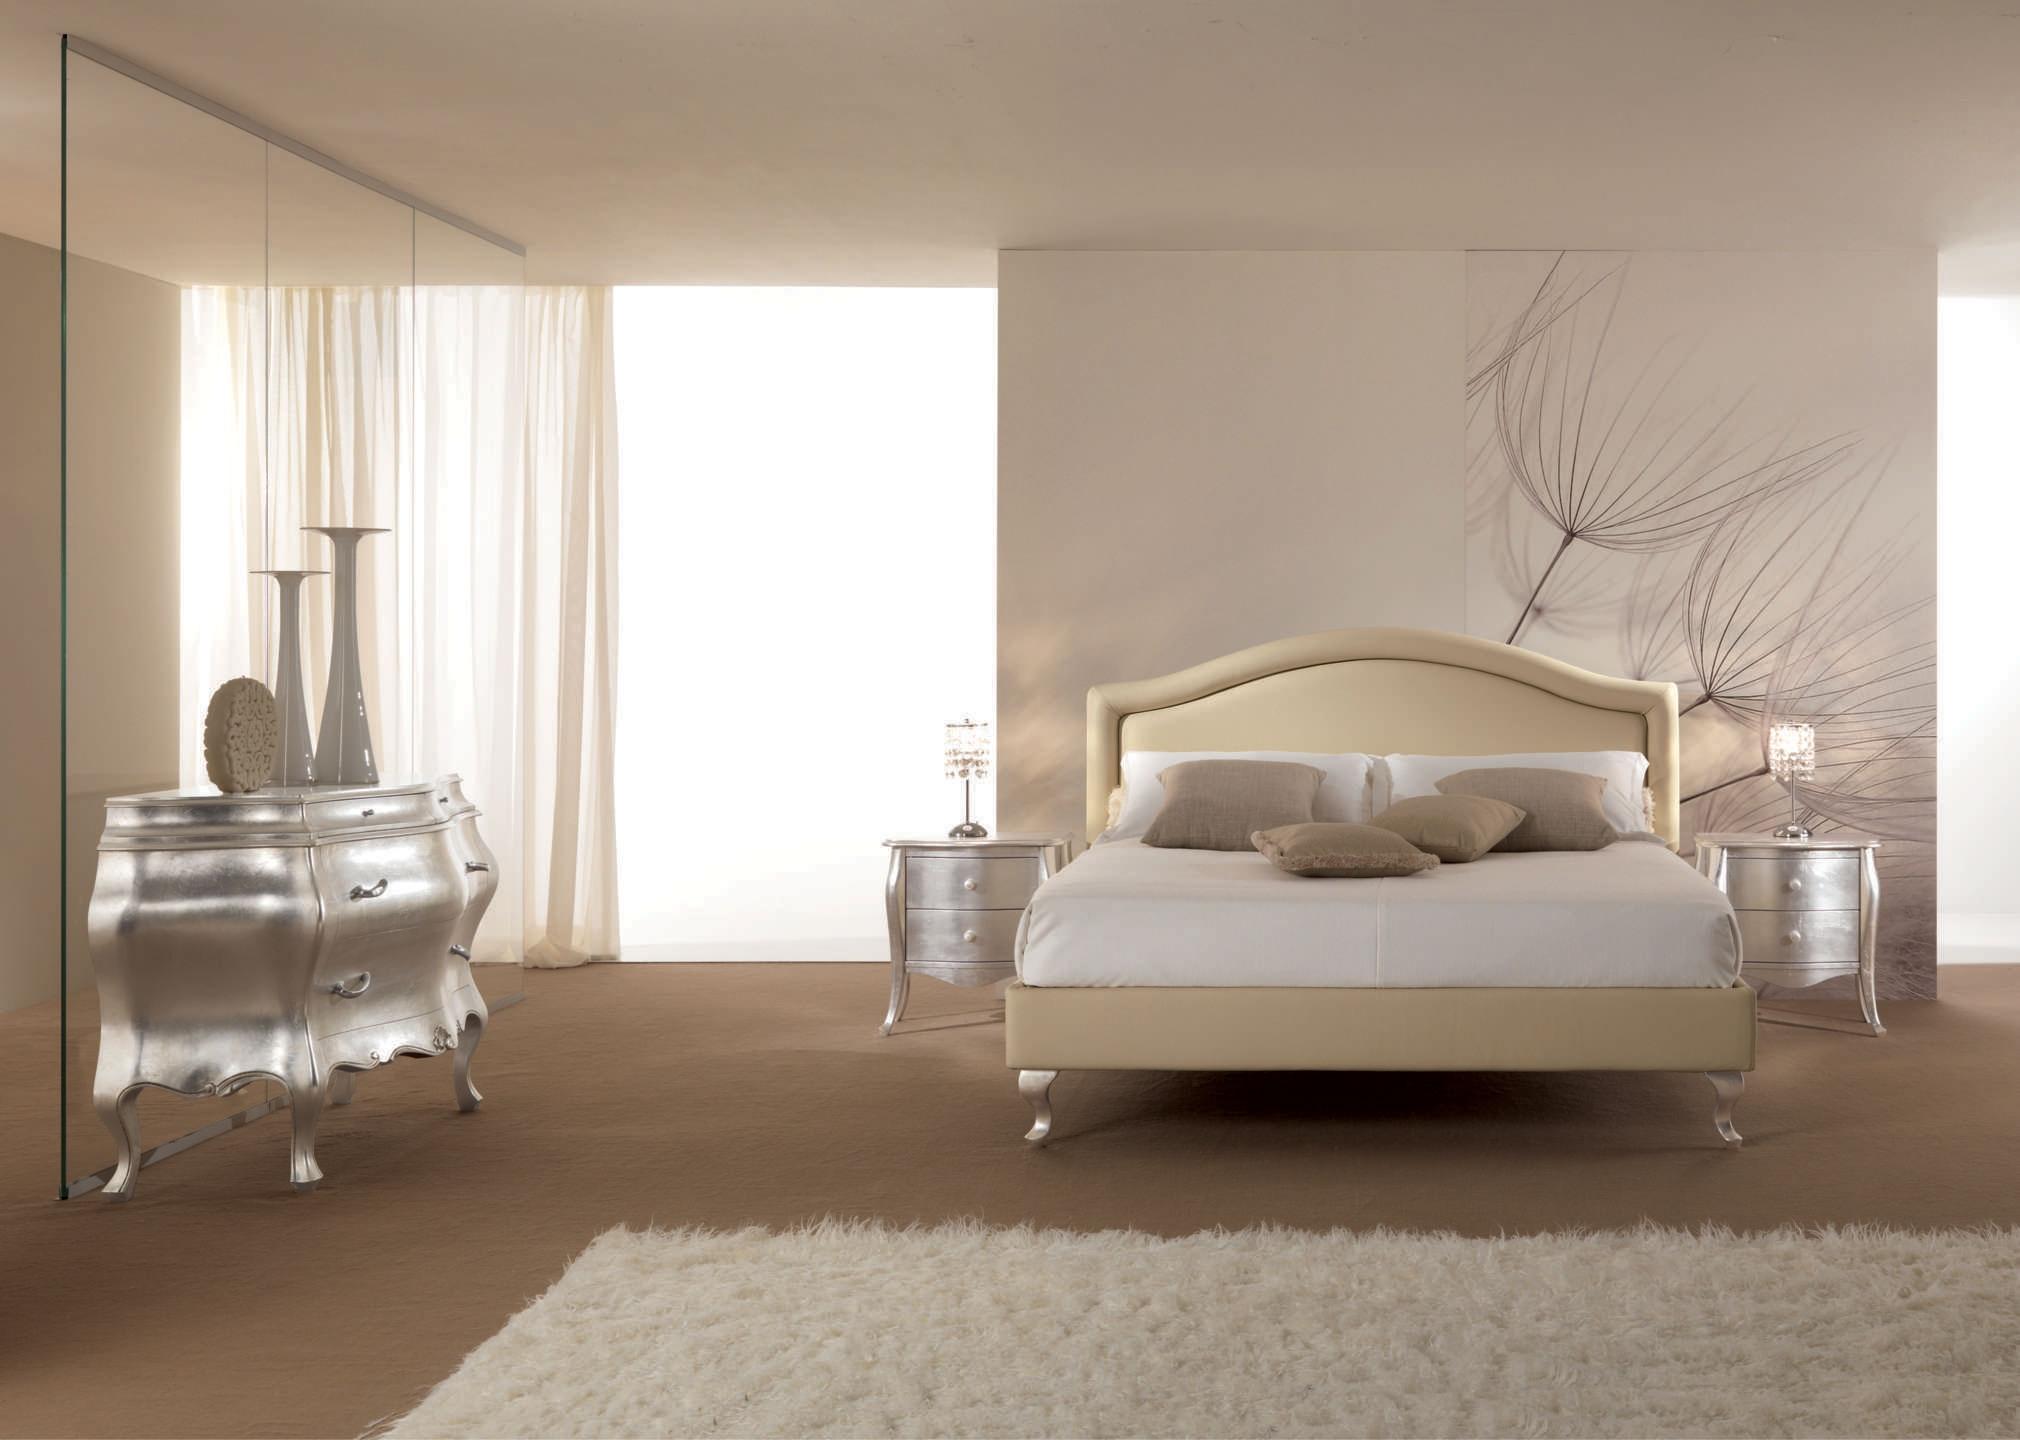 lit 2 places entierement recouvert de cuir beige piermaria so nuit. Black Bedroom Furniture Sets. Home Design Ideas